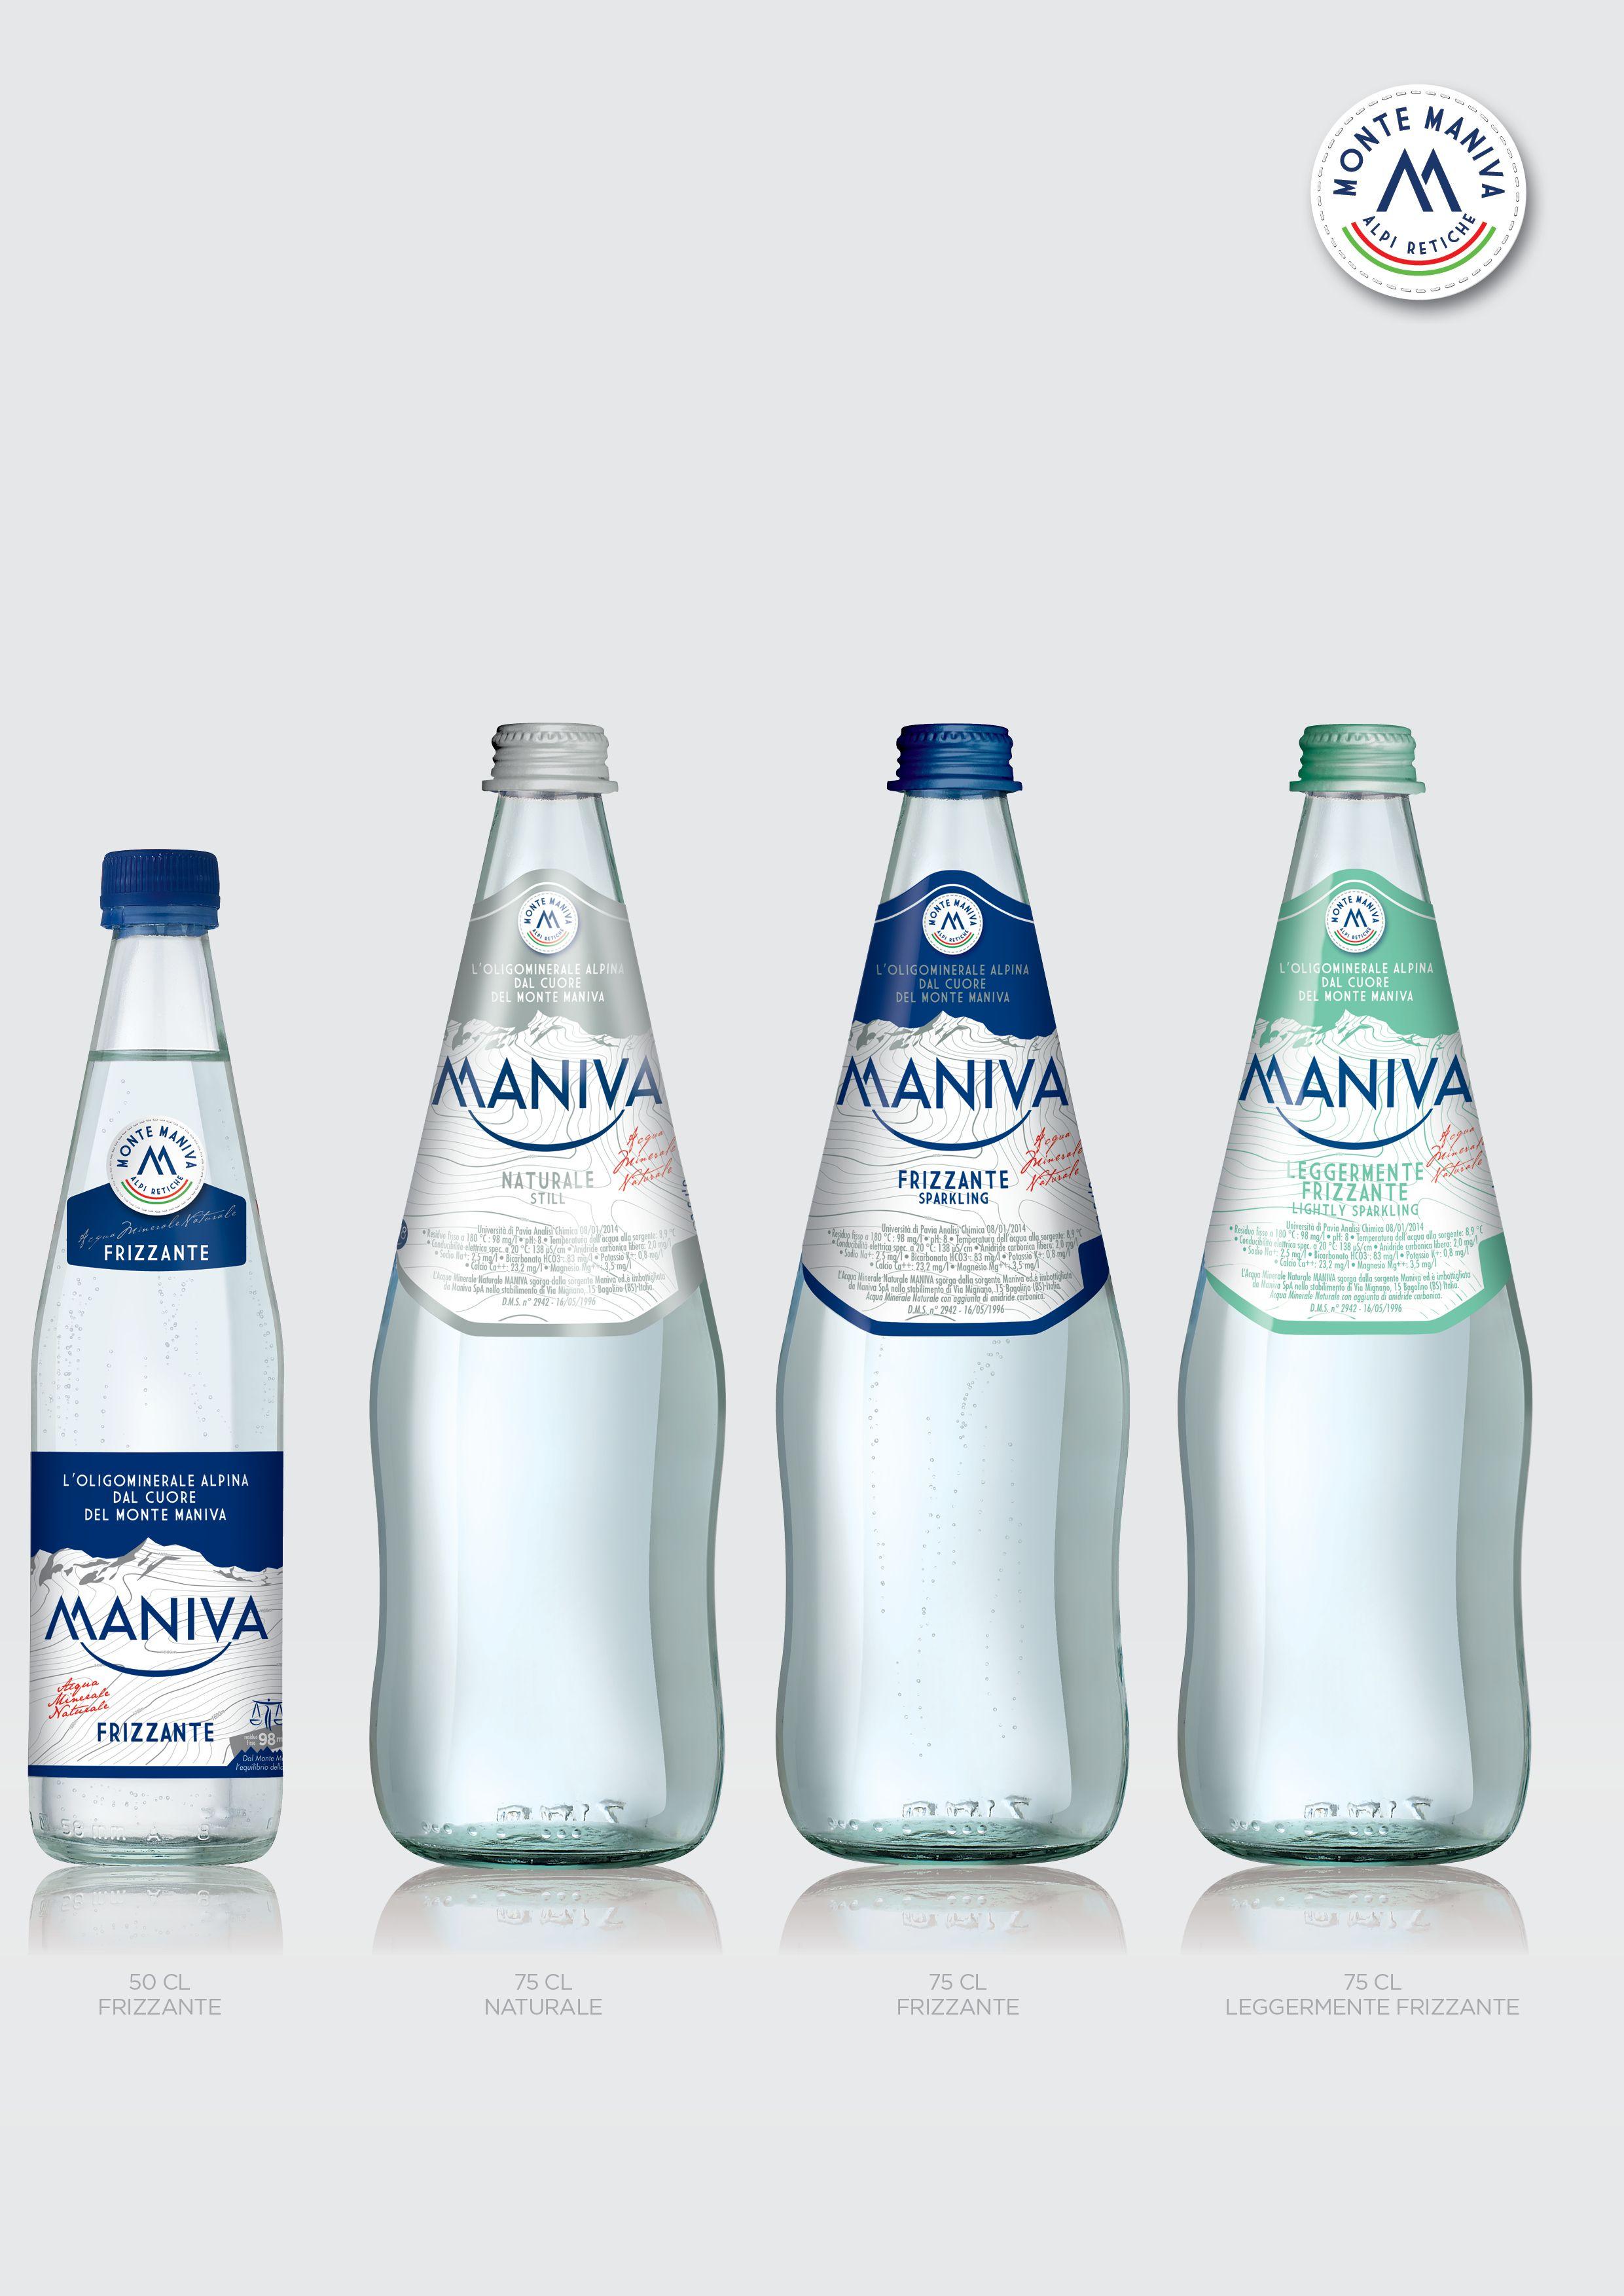 Acqua minerale maniva ph8 feltrinelli pinterest for Acqua design italia